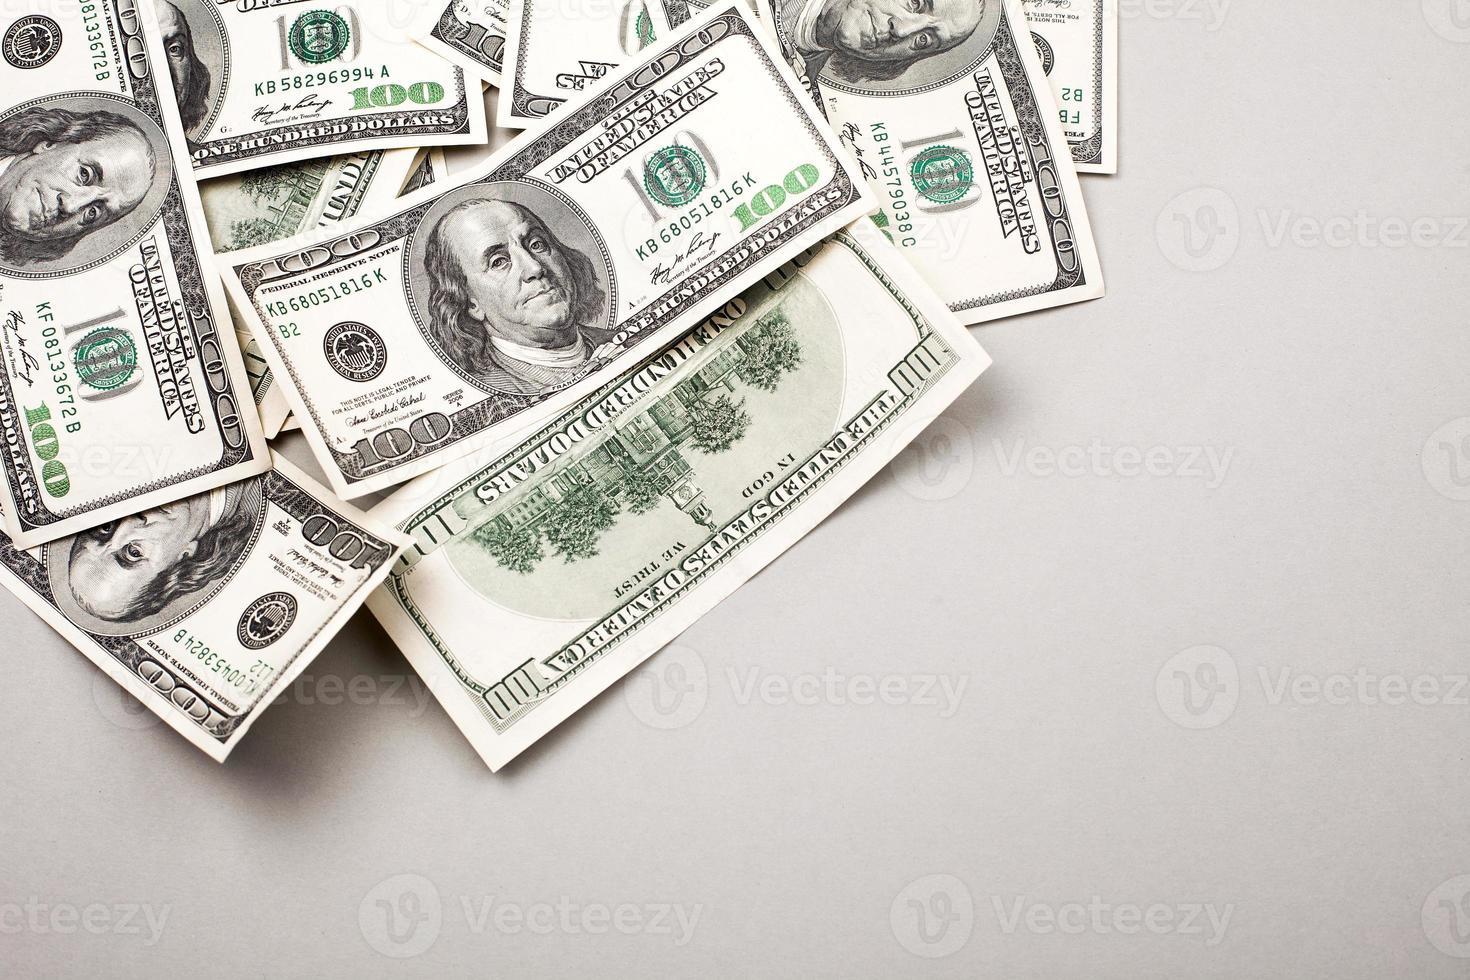 dinero billetes de cien dólares americanos foto